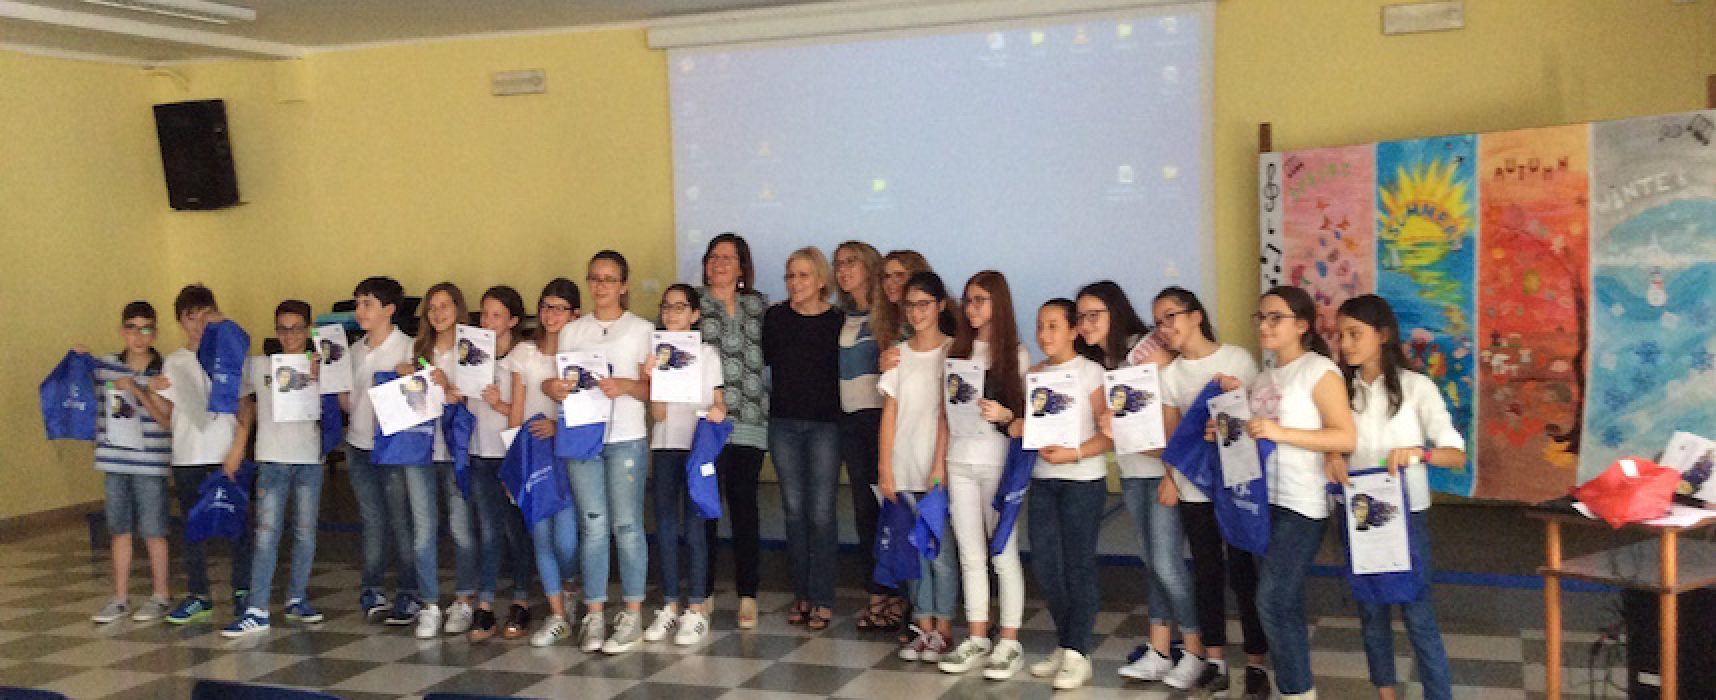 La scuola Monterisi chiude l'anno scolastico in bellezza con ennesimo riconoscimento europeo